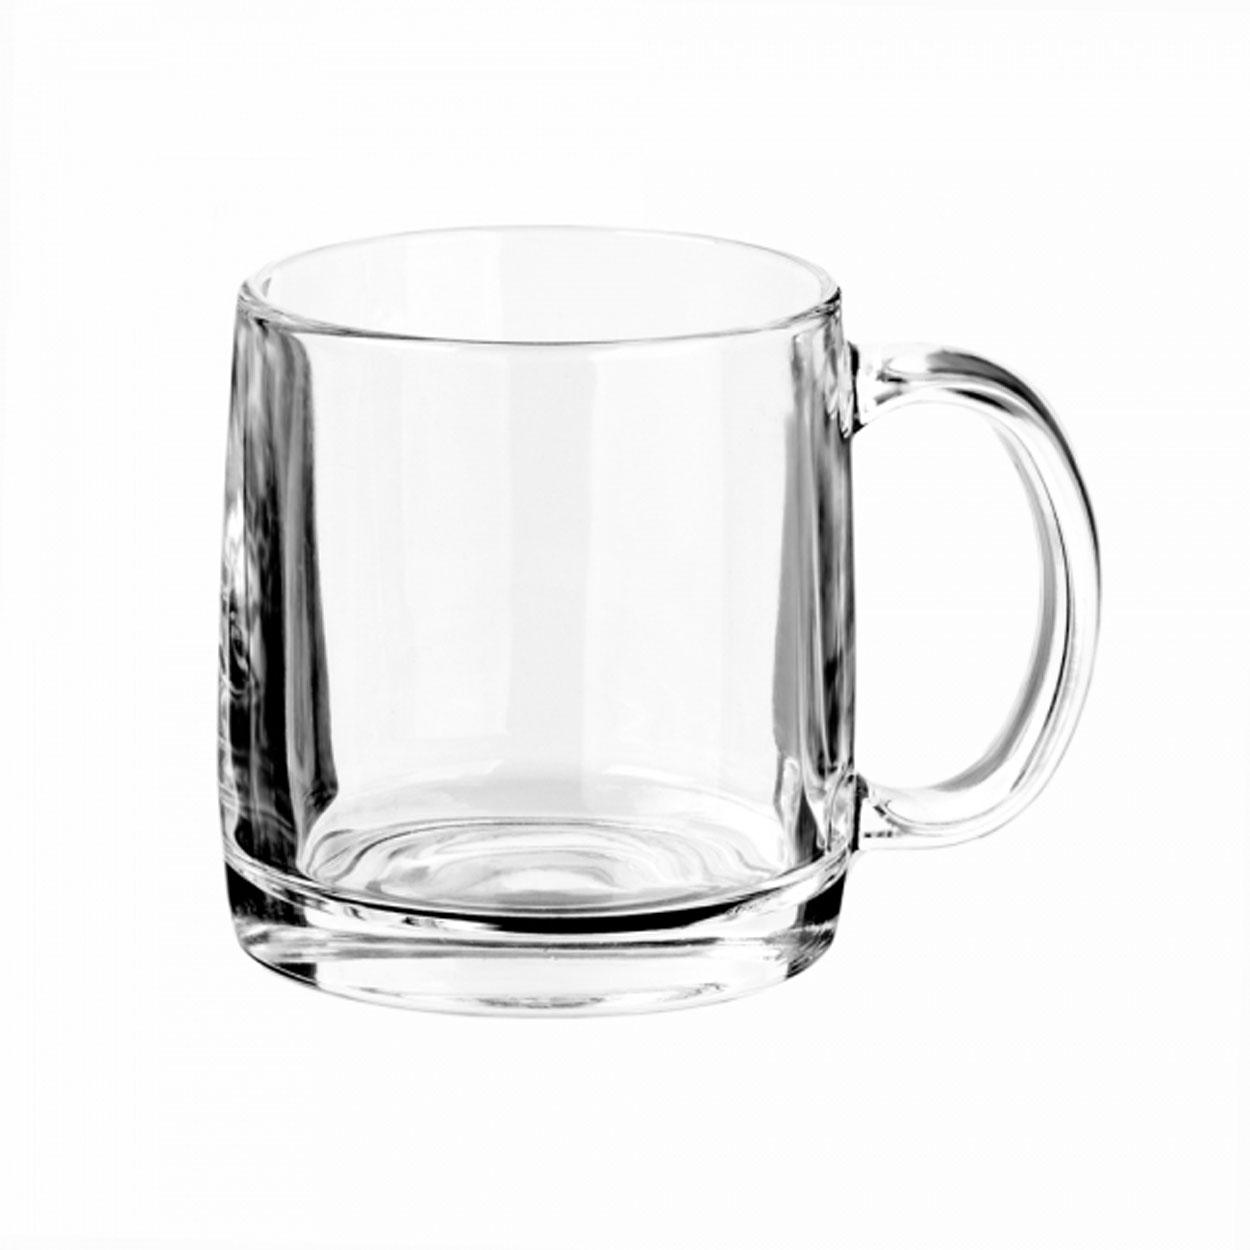 Кружка Luminarc Нордик, цвет: прозрачный, 380 млH8502Кружка Luminarc Нордик изготовлена из упрочненного стекла. Такая кружка прекрасно подойдет для горячих и холодных напитков. Она дополнит коллекцию вашей кухонной посуды и будет служить долгие годы. Можно использовать в посудомоечной машине и микроволновой печи. Объем кружки: 380 мл. Диаметр кружки (по верхнему краю): 8 см. Высота стенки кружки: 9,5 см.